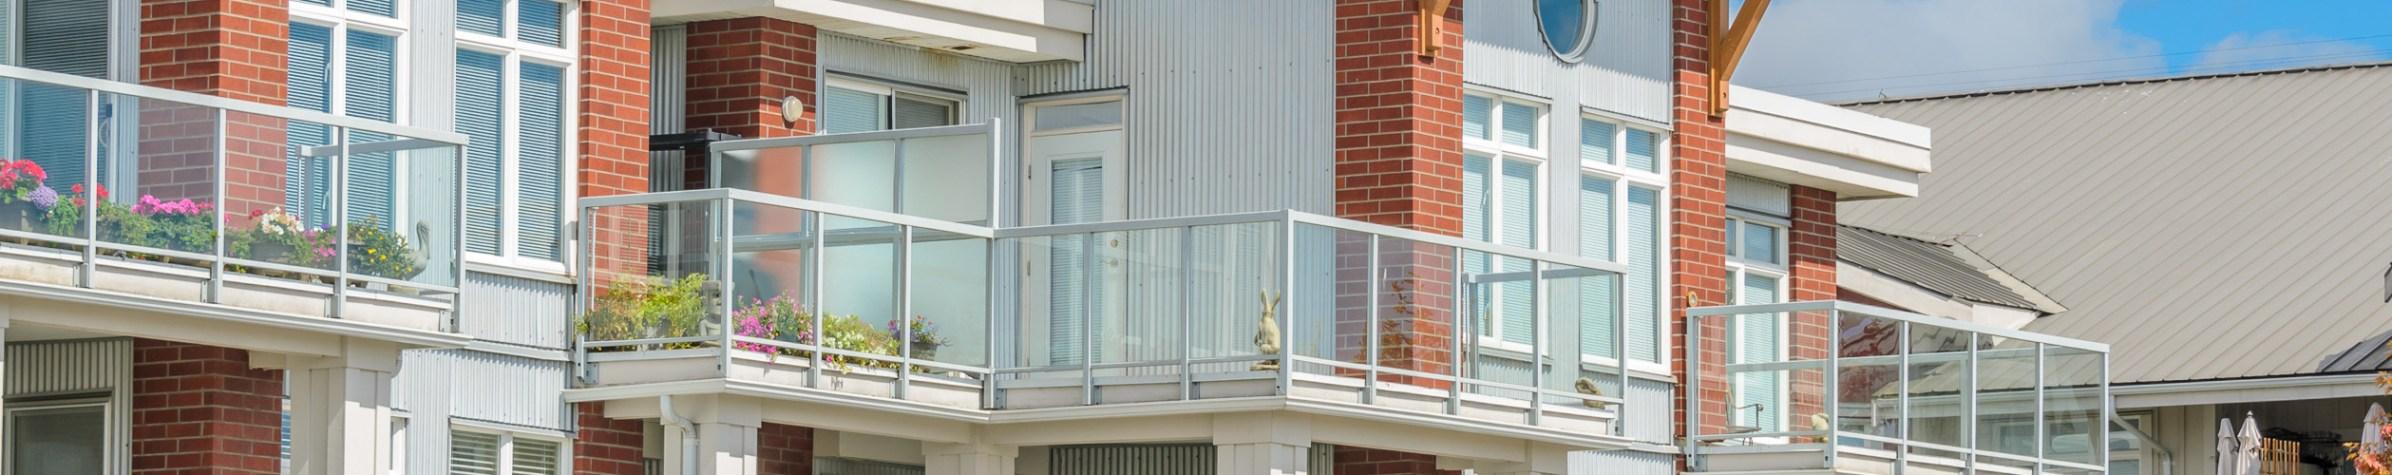 COWIE & MOTT - Maryland Condominium Attorneys I Condominium